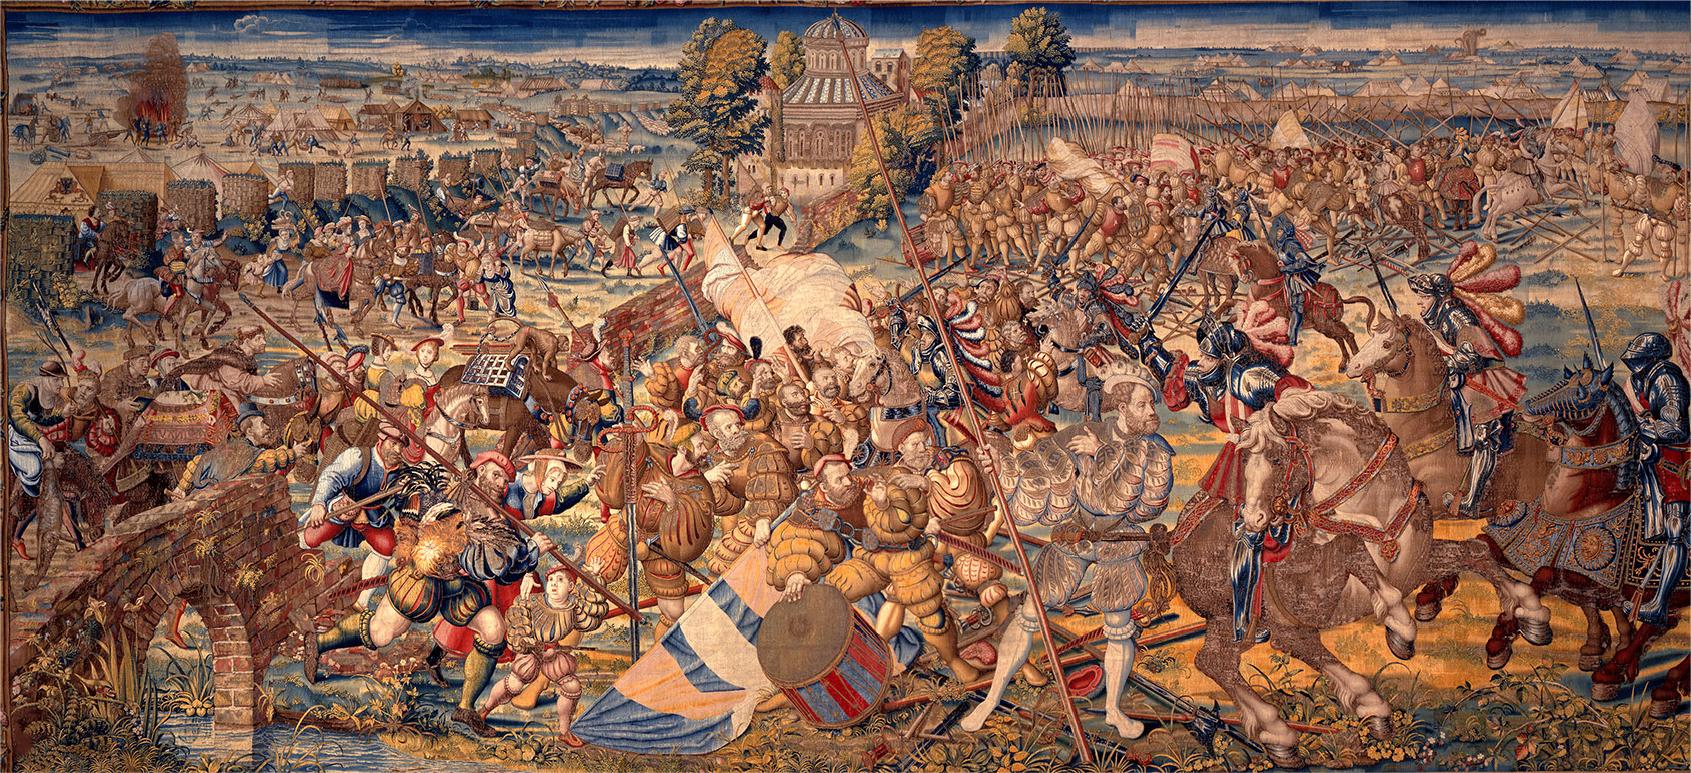 https://upload.wikimedia.org/wikipedia/commons/d/dc/Manif._di_bruxelles_su_dis.di_bernart_von_orley%2C_arazzi_della_battaglia_di_pavia%2C_fuga_dei_francesi_e_diniego_degli_svizzeri%2C_IGMN144485%2C_1526-31.JPG